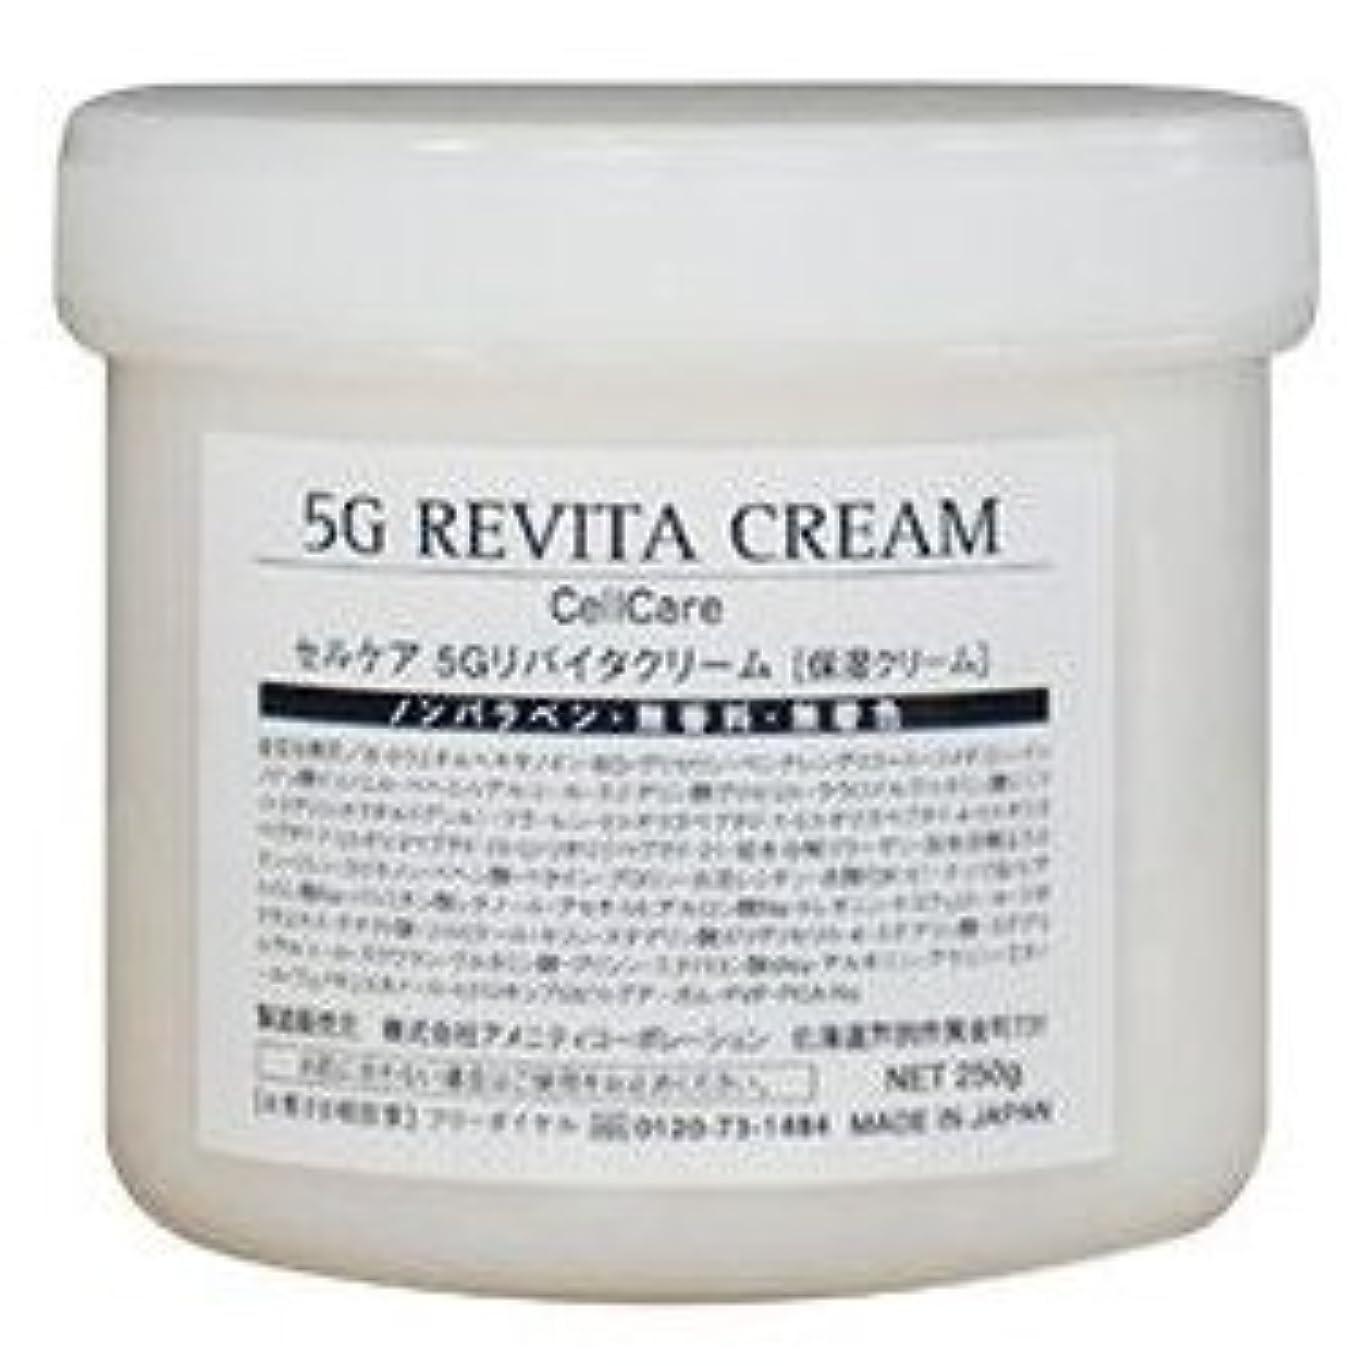 確率小川破滅的なセルケアGF プレミアム 5Gリバイタルクリーム 保湿クリーム お徳用250g